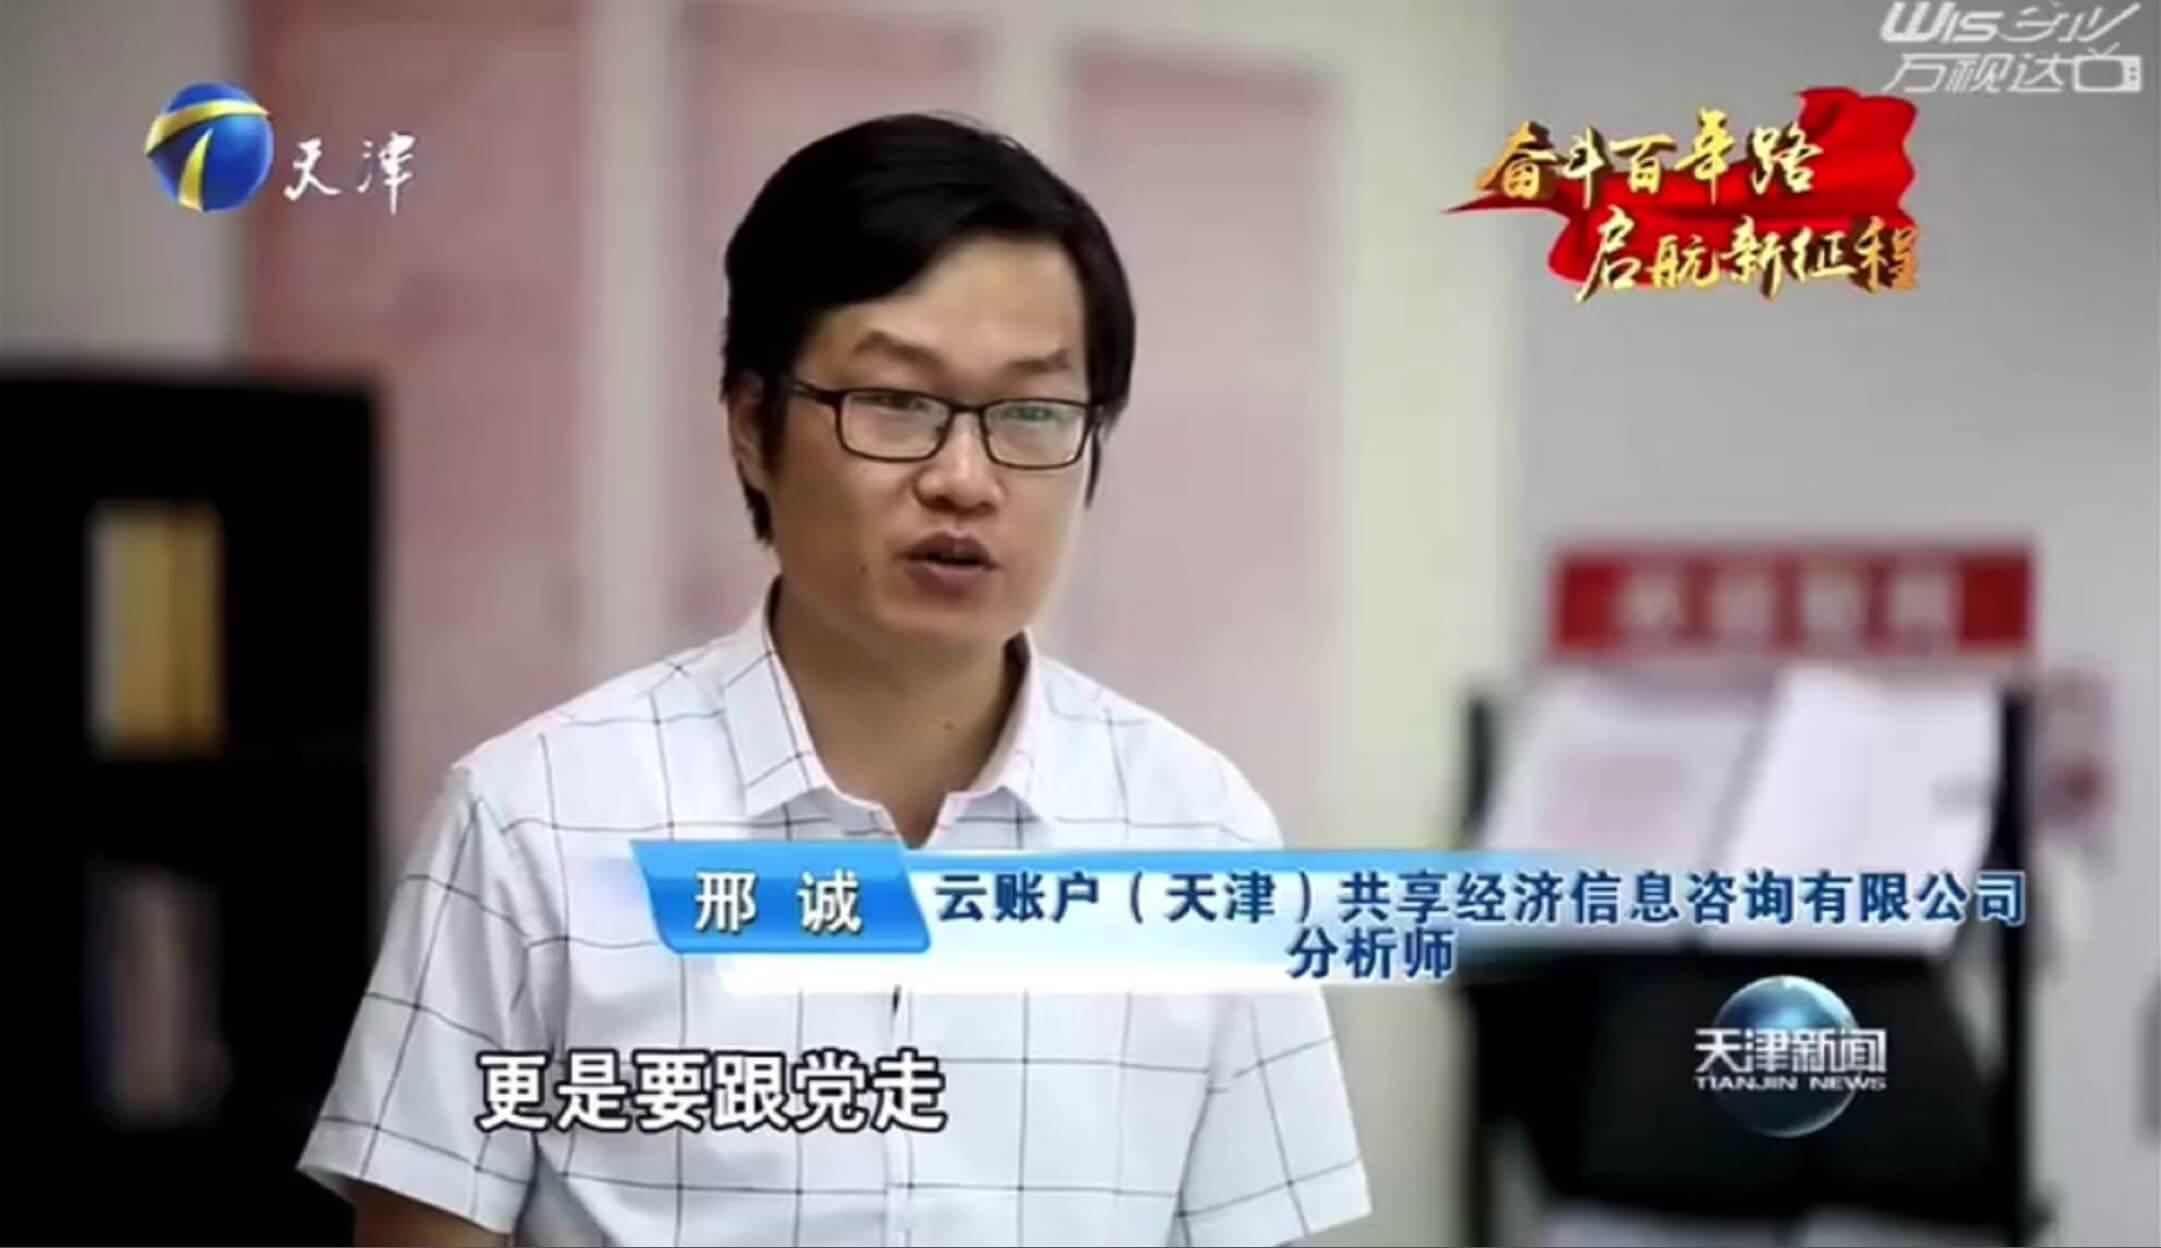 天津新闻: 云账户坚持党建引领 青春向党 继续奋斗 11